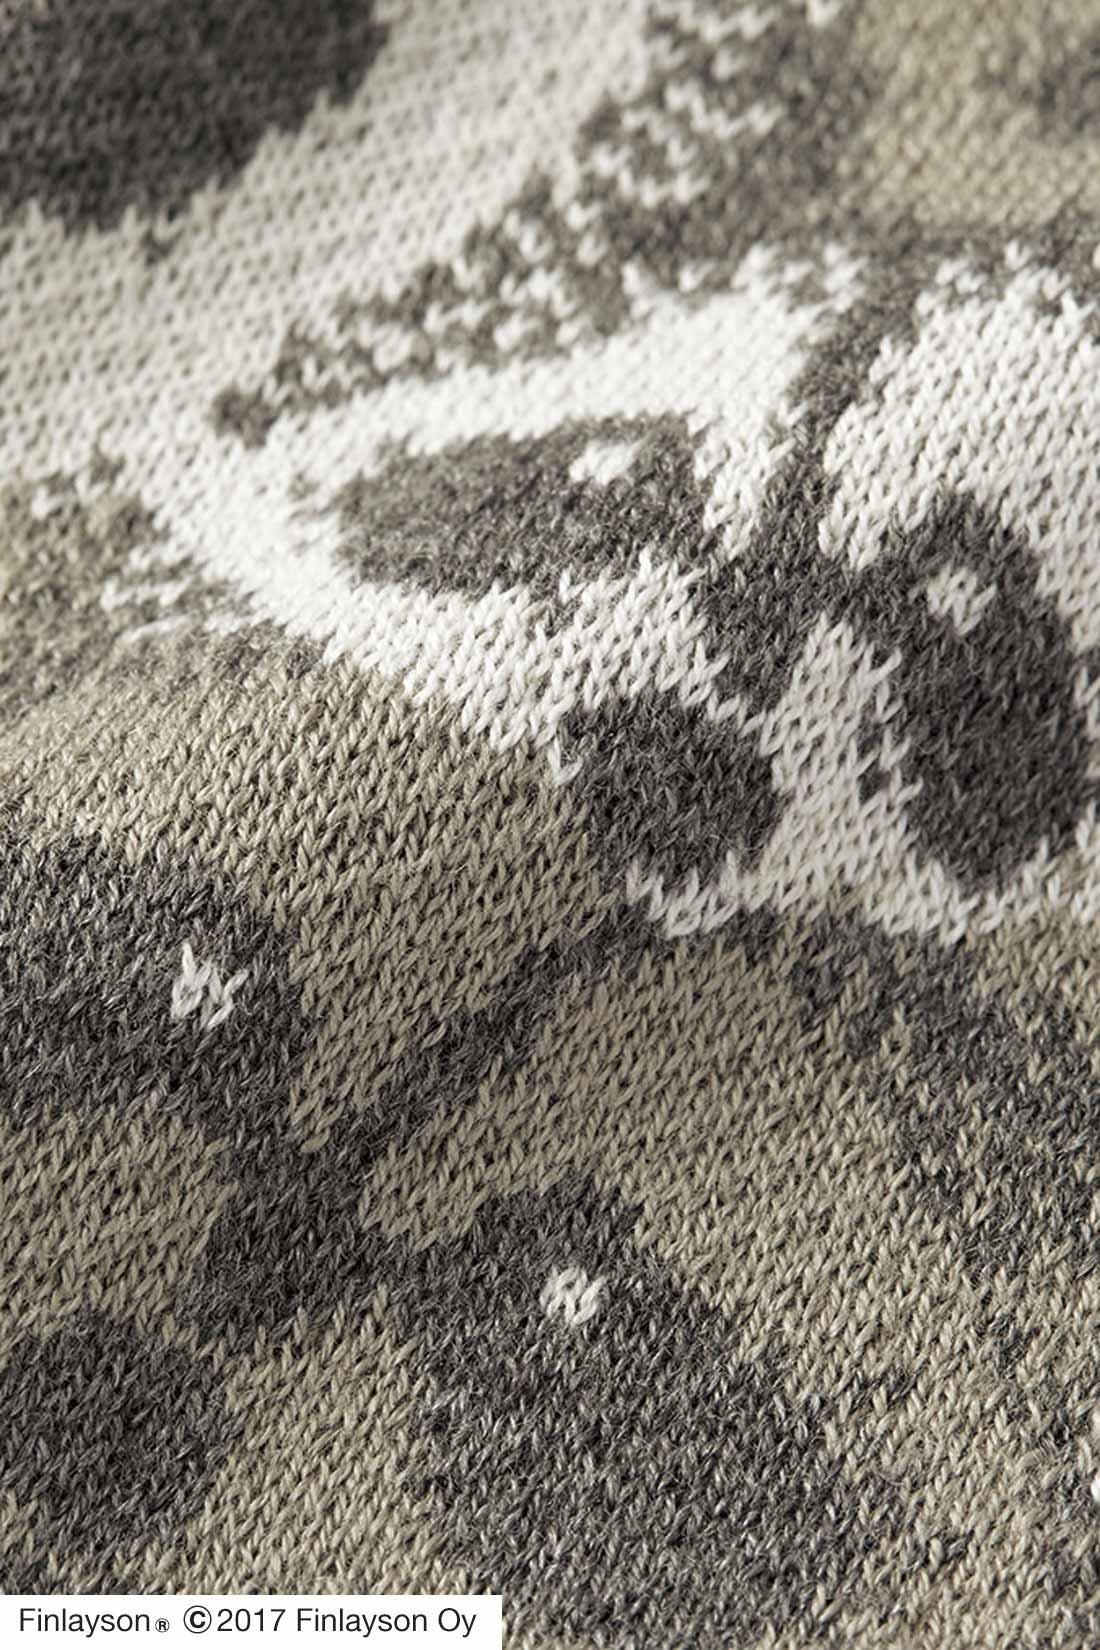 肌ざわりのよい綿混素材。繊細なジャカード編みで柄の美しさを表現。